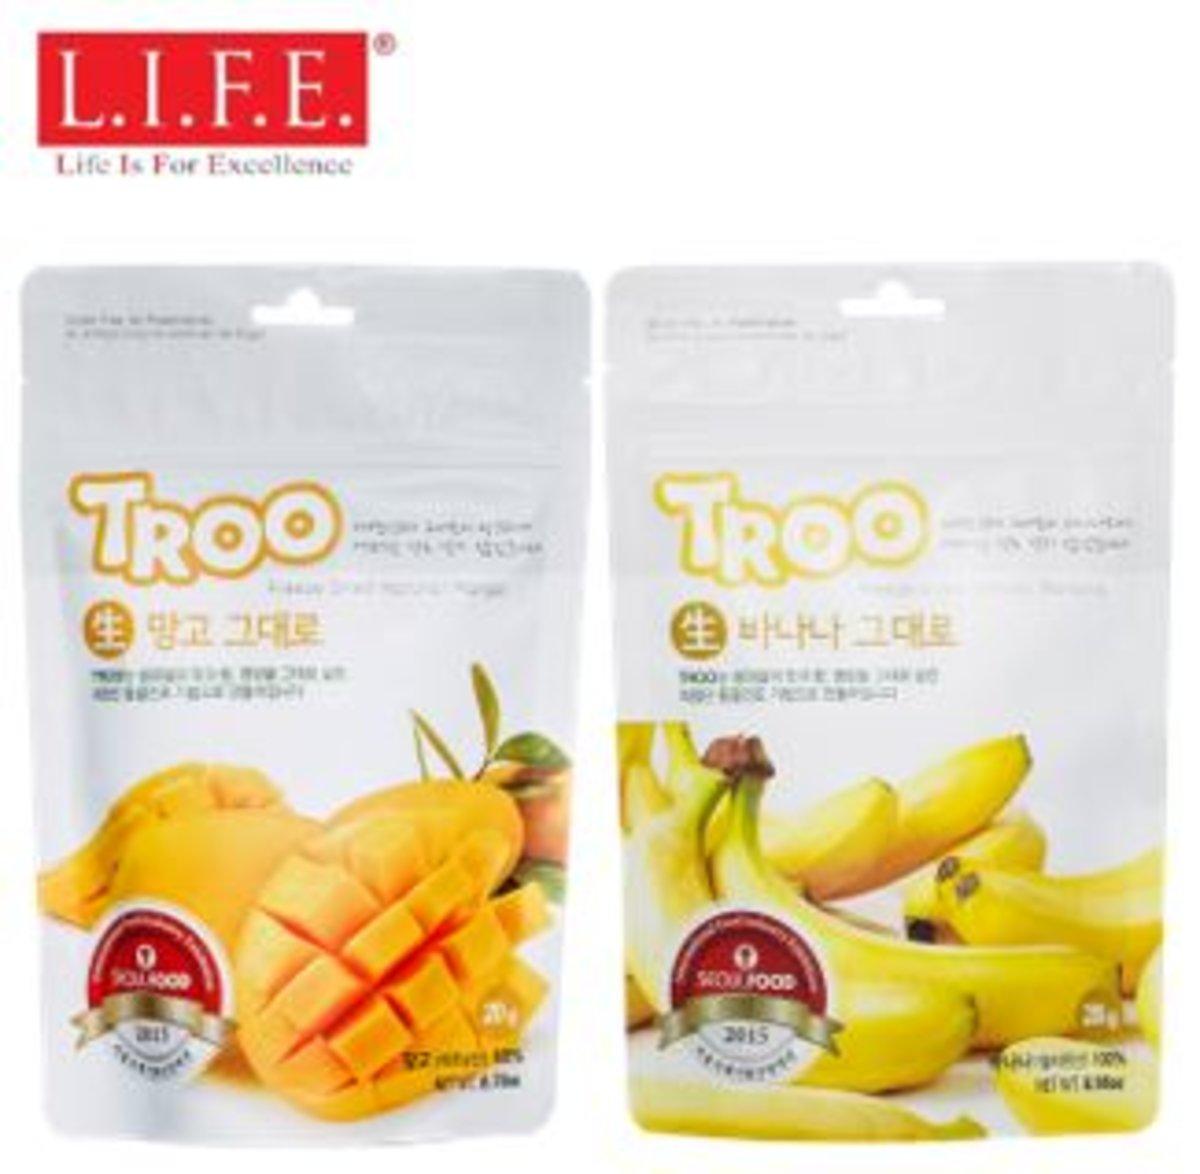 獲獎韓國天然冷凍乾果(芒果+香蕉)